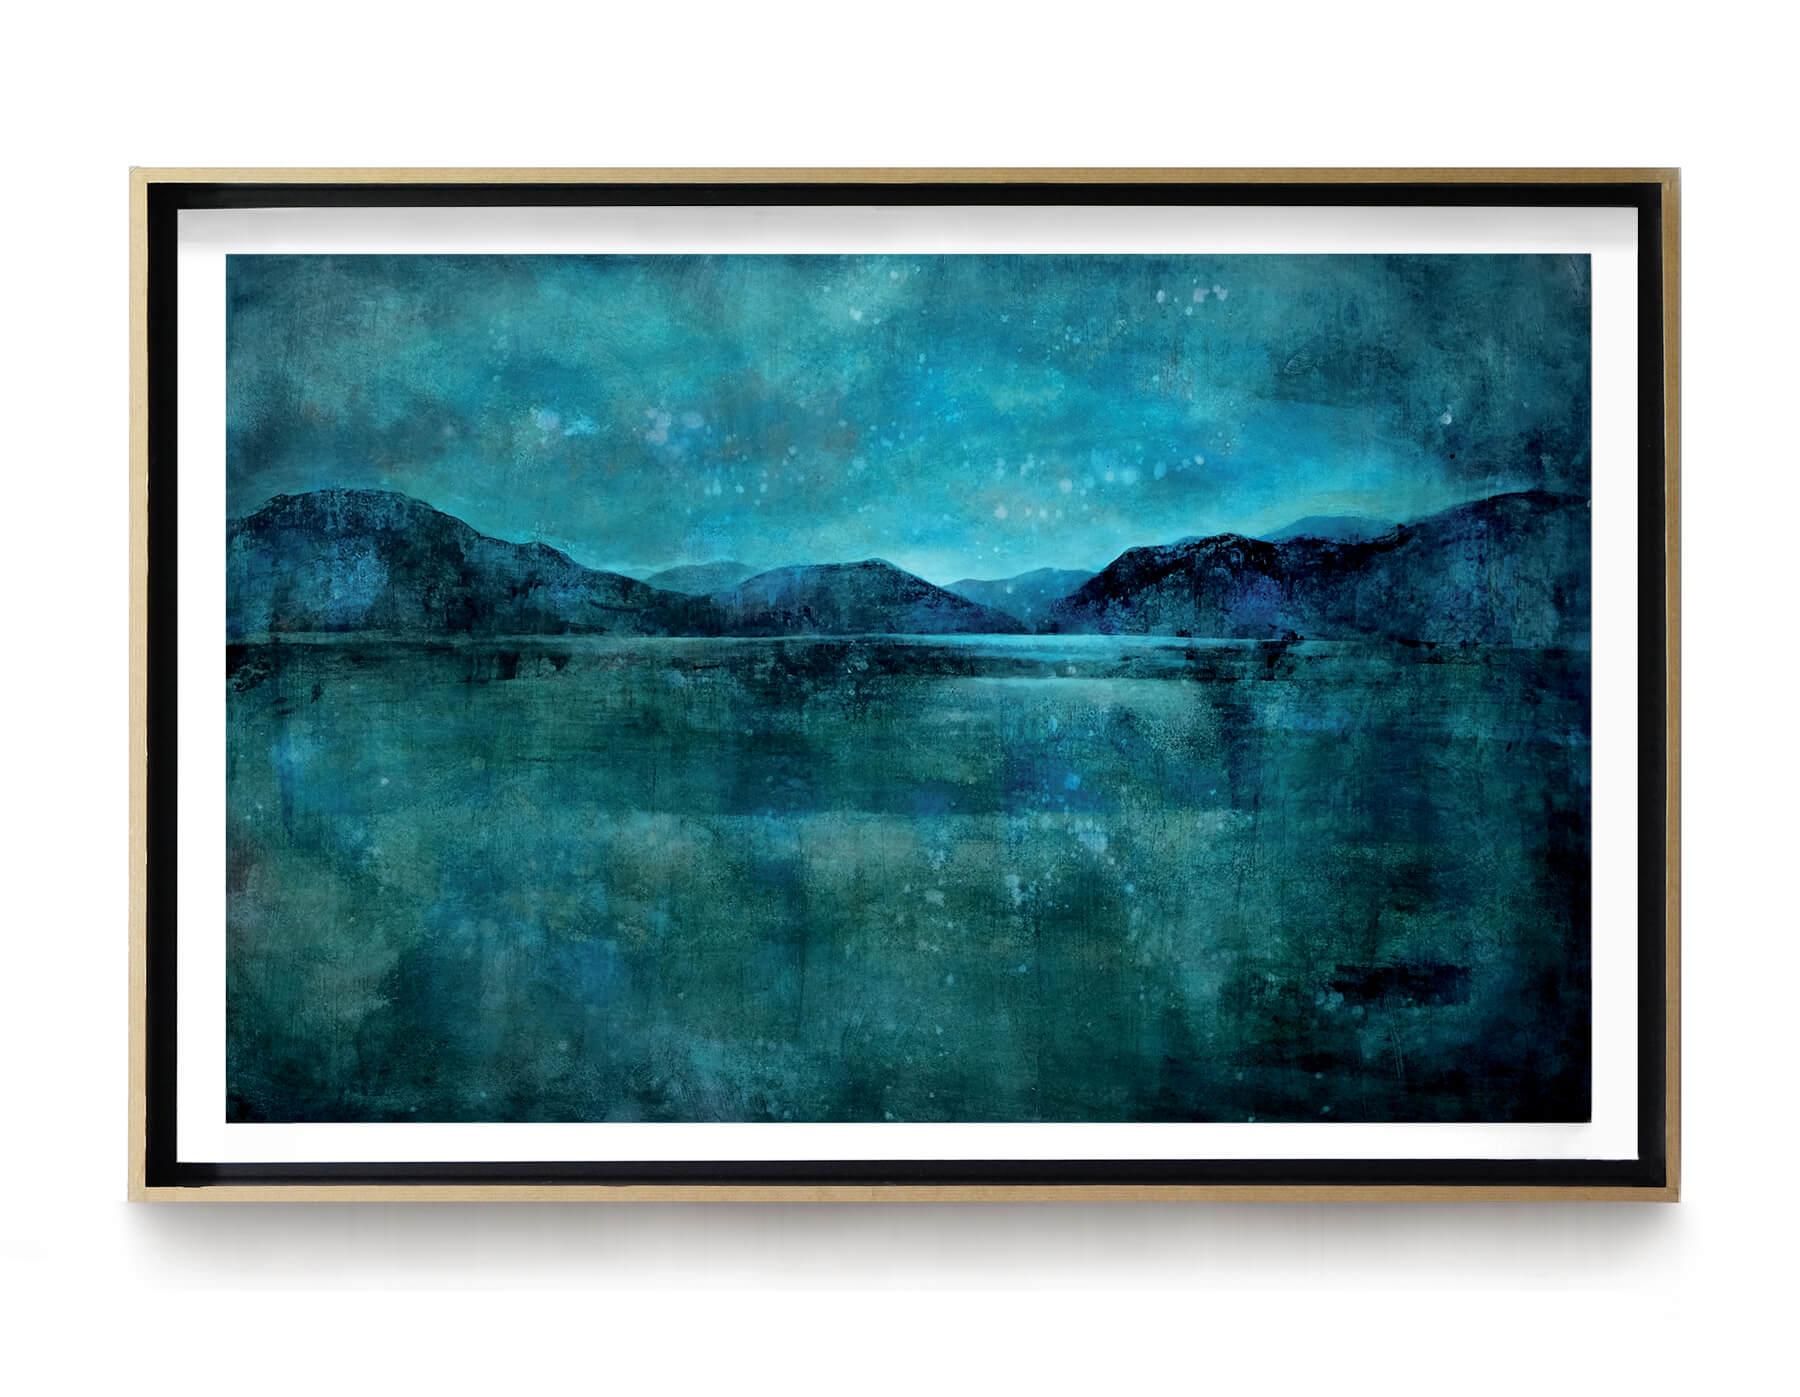 grand_paysage_bleu_nuit_100x80_Acrylique_et_encre_sur_carton_encadre_lightbox